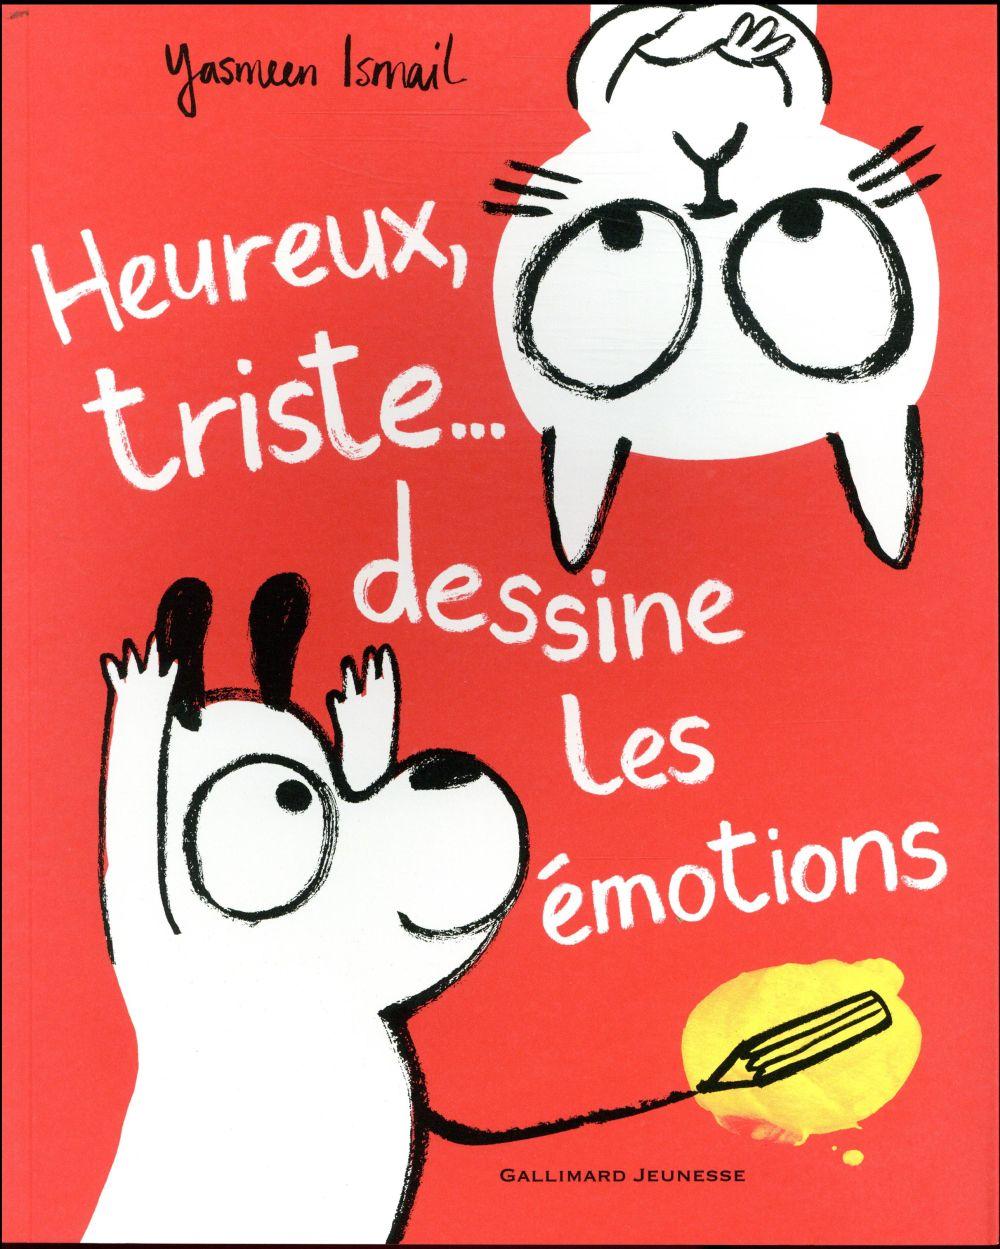 HEUREUX, TRISTE... DESSINE LES EMOTIONS